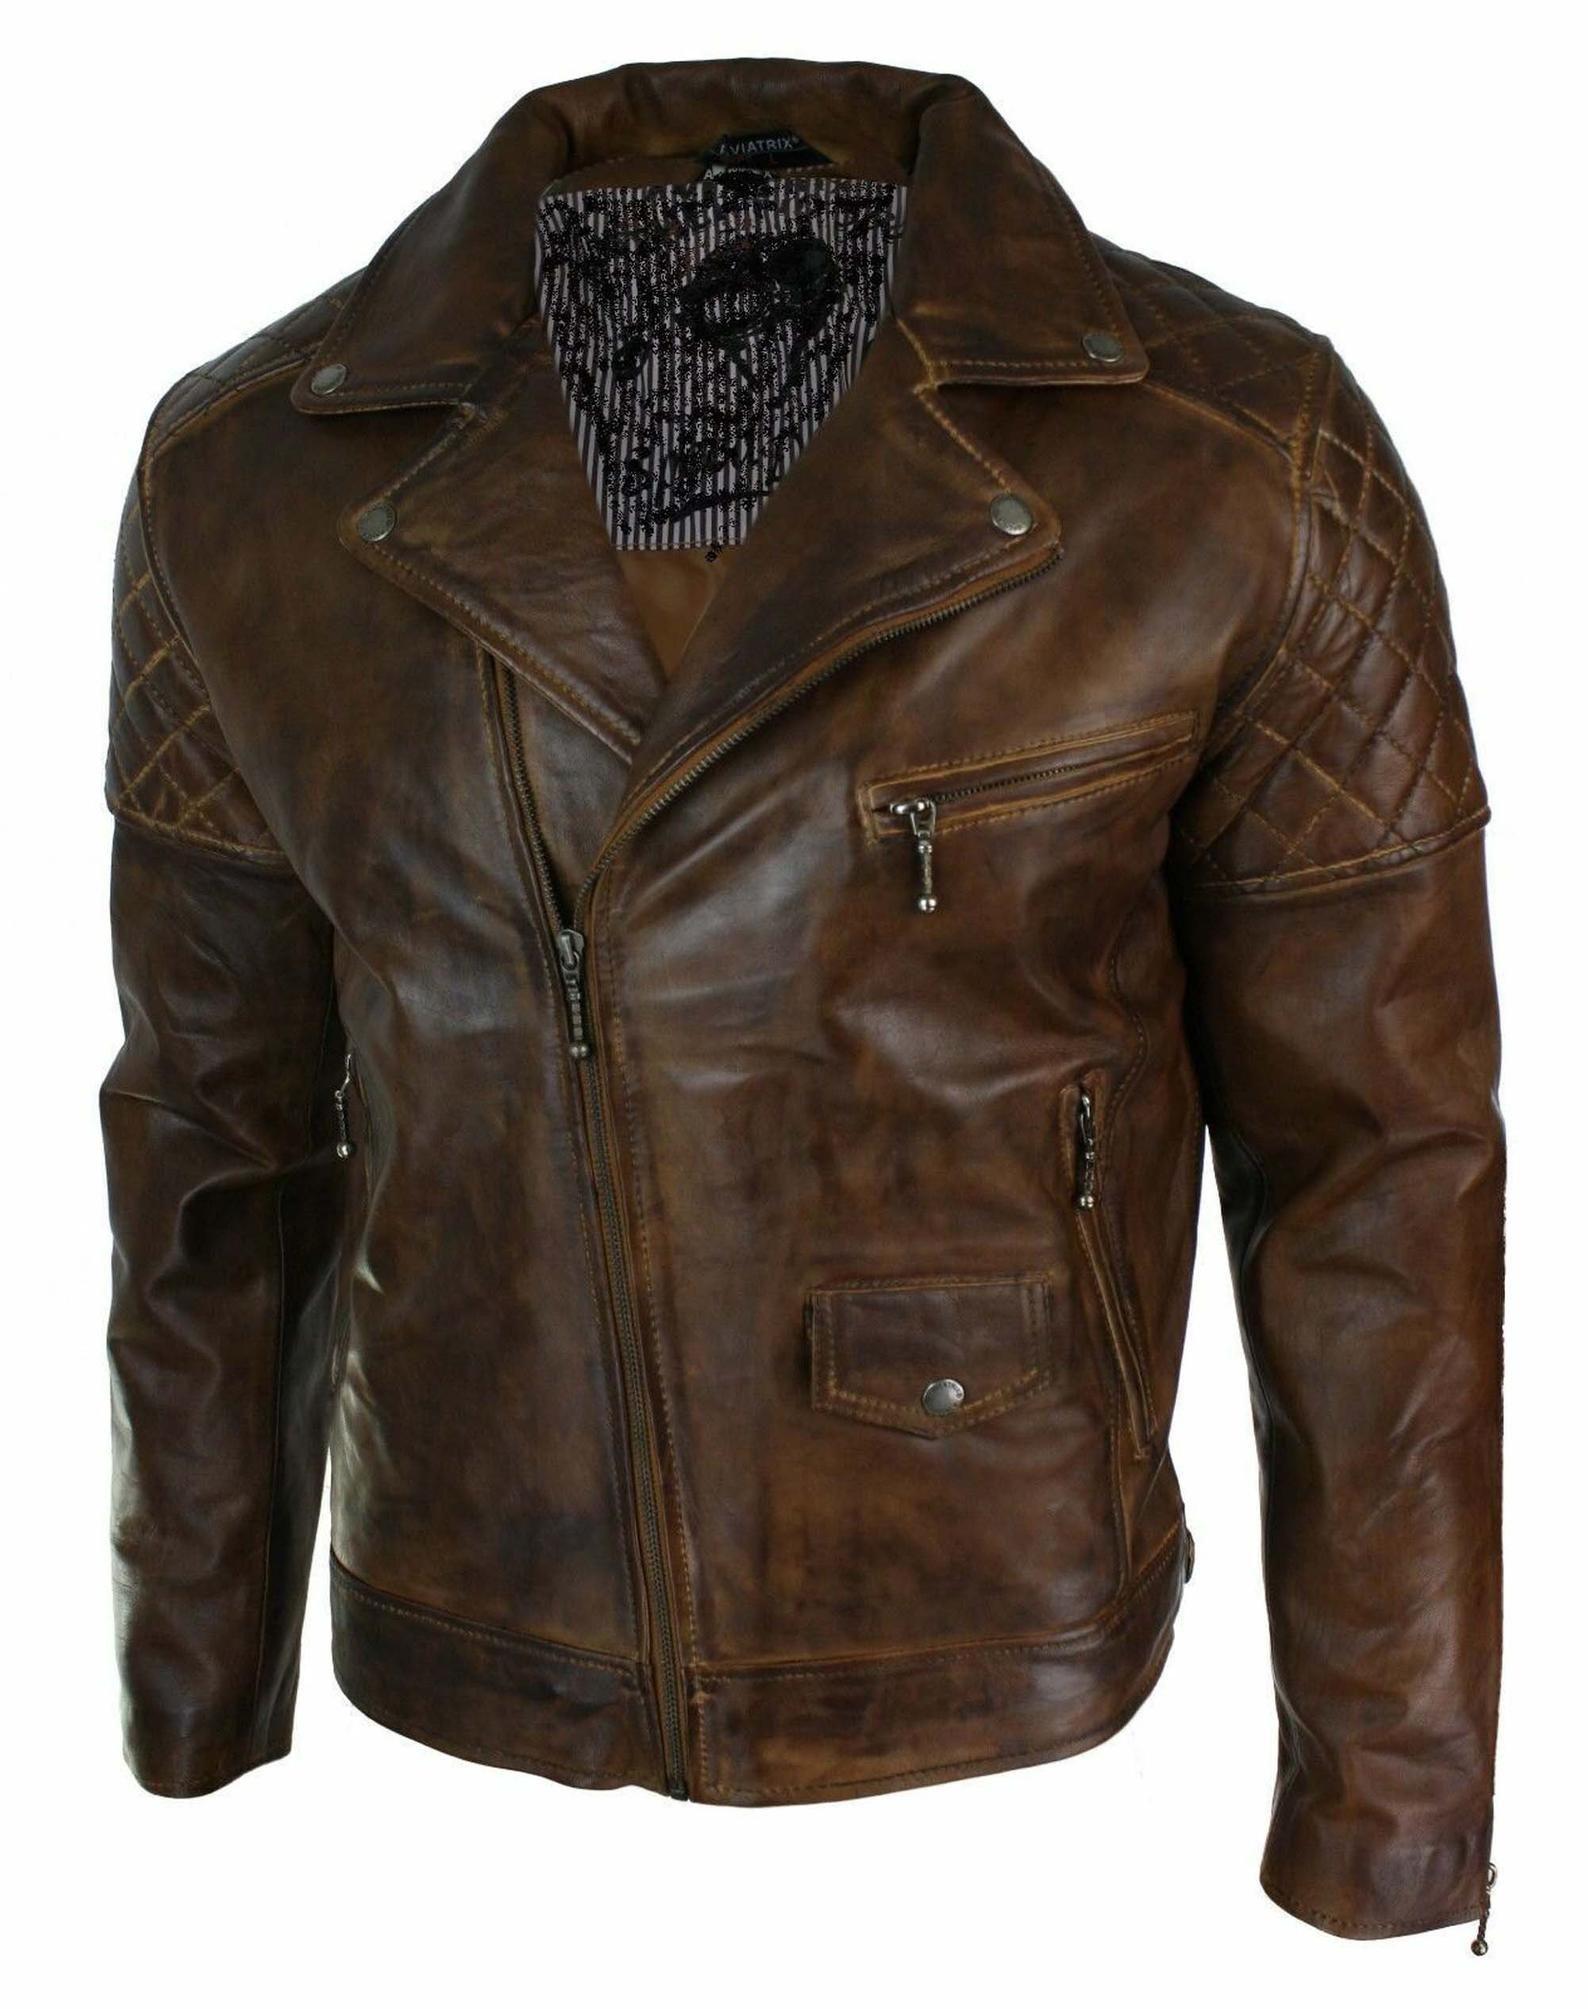 Noora Mens Heist Antique Vintage Brown Leather Cafe Racer Moto Etsy Leather Jacket Men Leather Jacket Style Men S Leather Jacket [ 2009 x 1588 Pixel ]